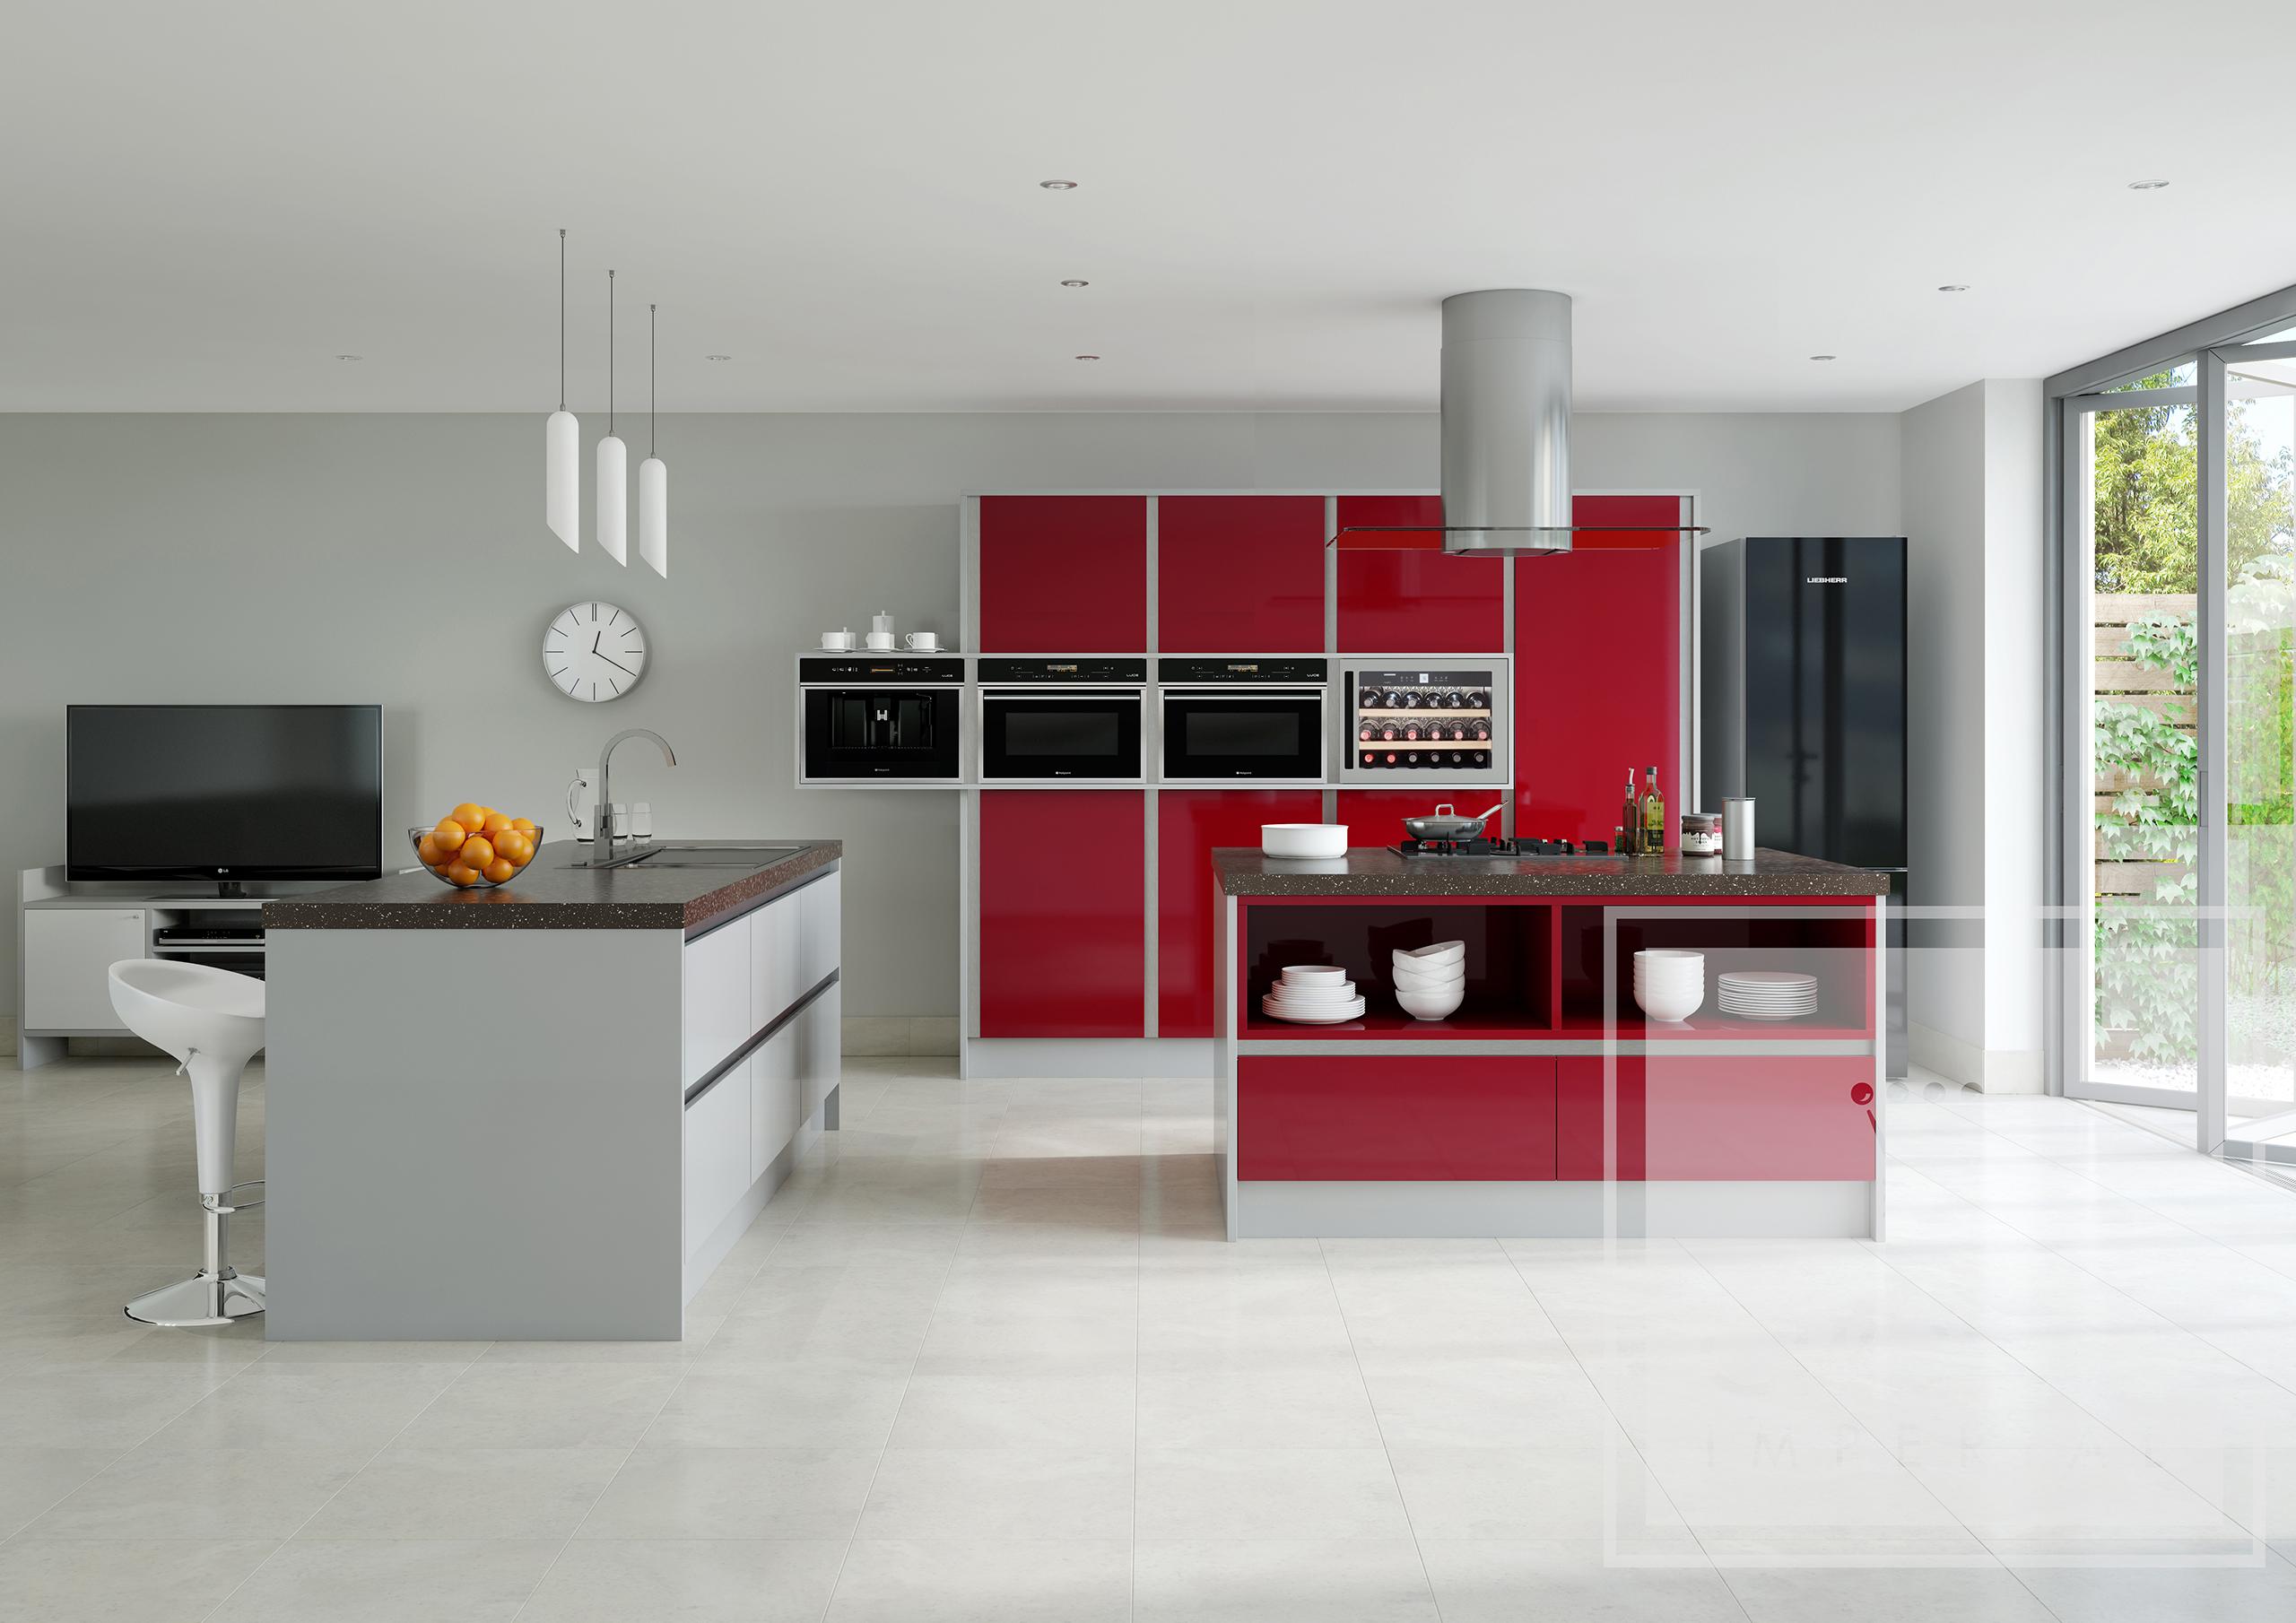 crown rialto gloss black silver white tri anglia designs. Black Bedroom Furniture Sets. Home Design Ideas